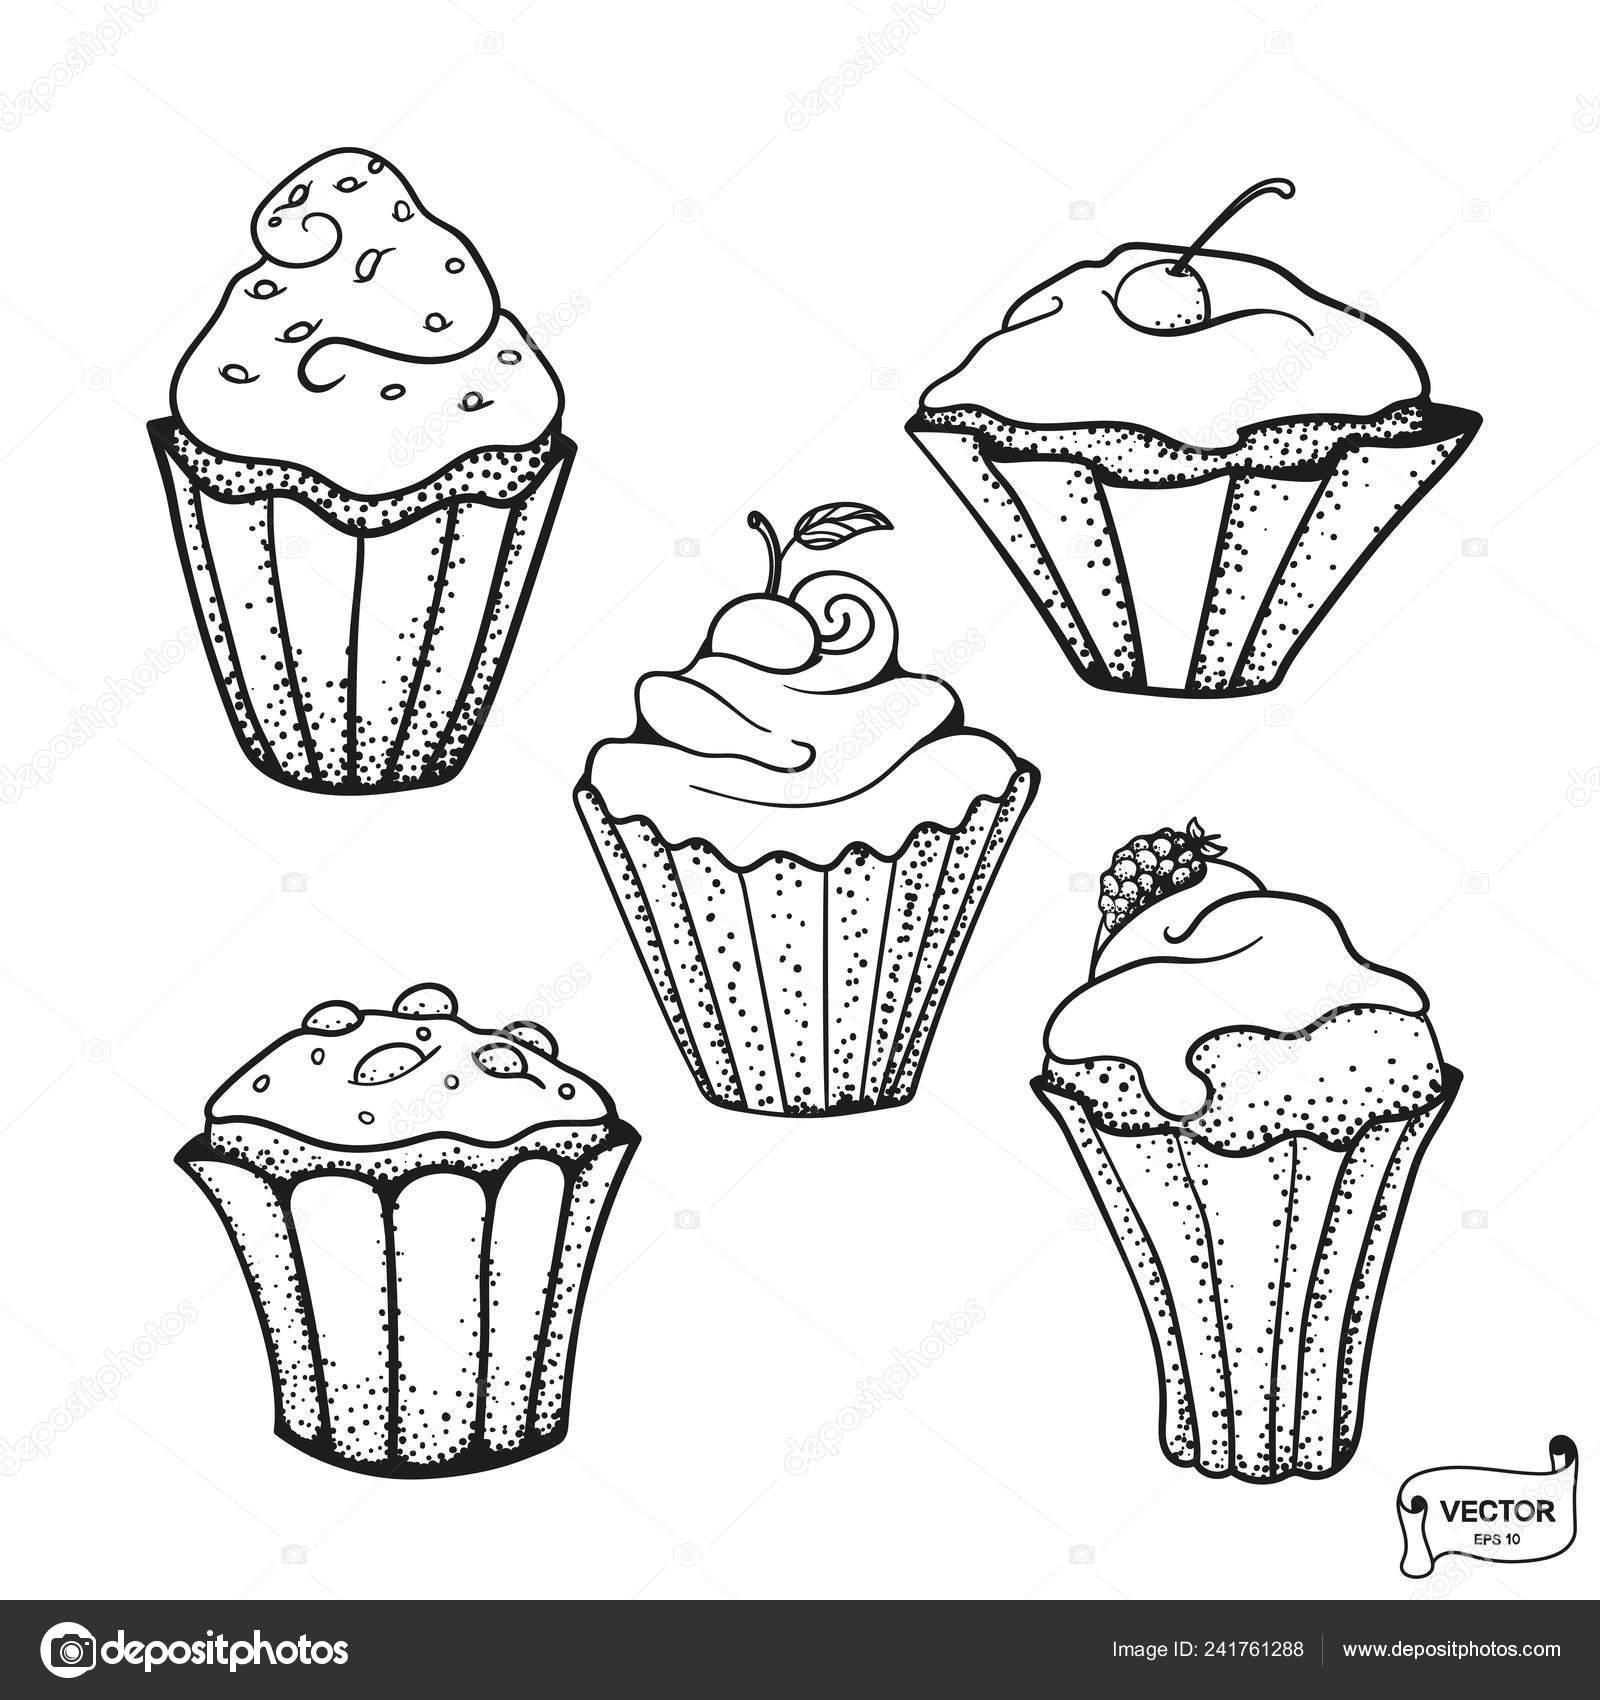 Vector Imagen Dibujado Mano Para Colorear Páginas Con